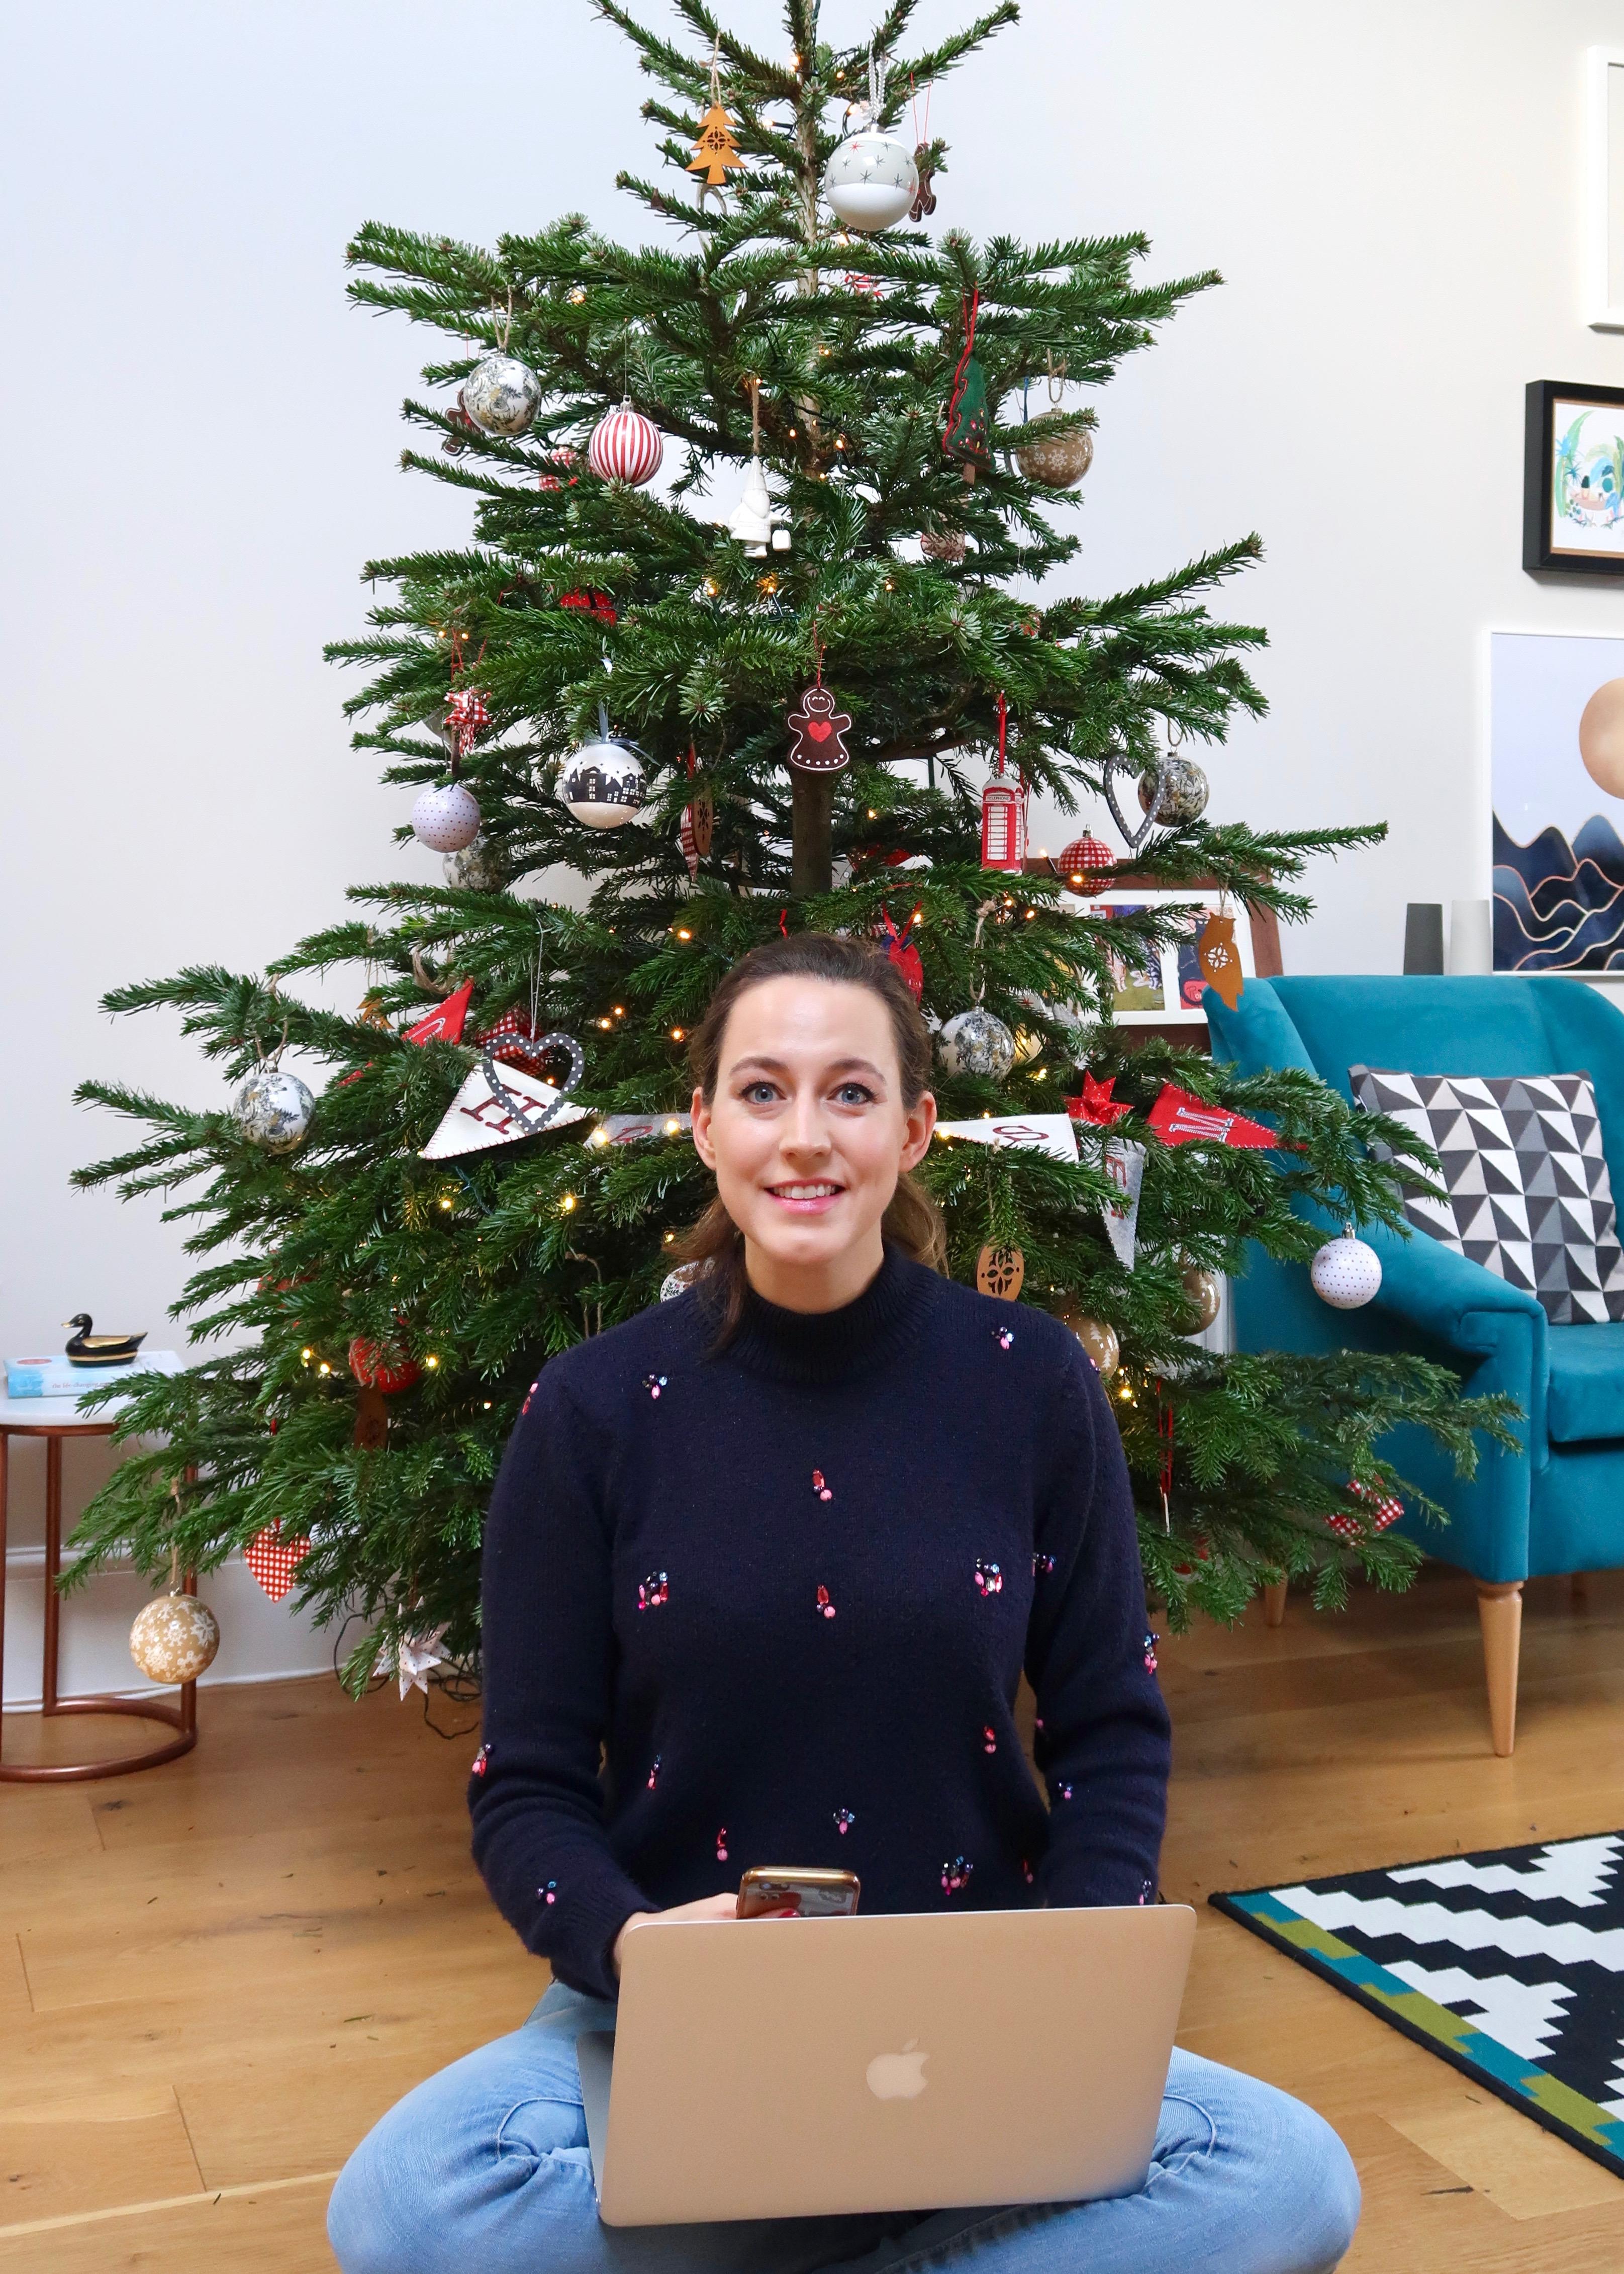 Claire Imaginarium Christmas